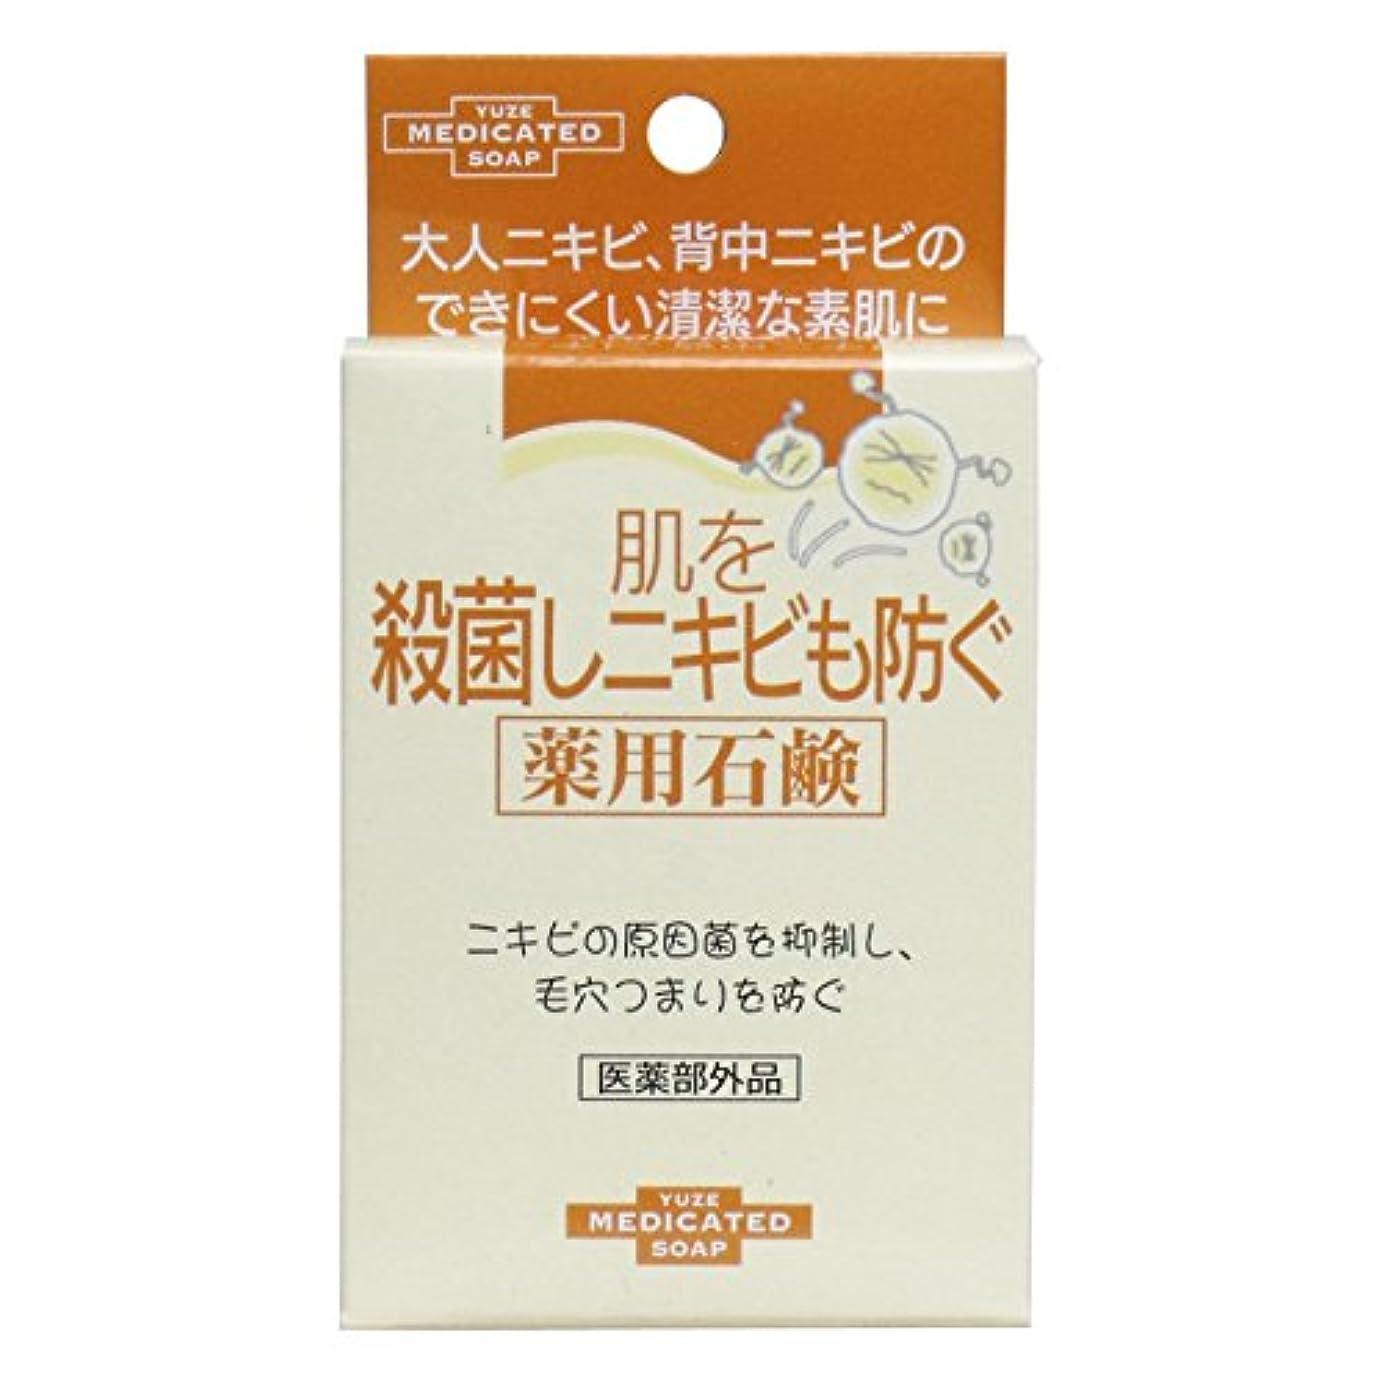 回転させる差別する振り返るユゼ 肌を殺菌しニキビも防ぐ薬用石鹸 (110g)